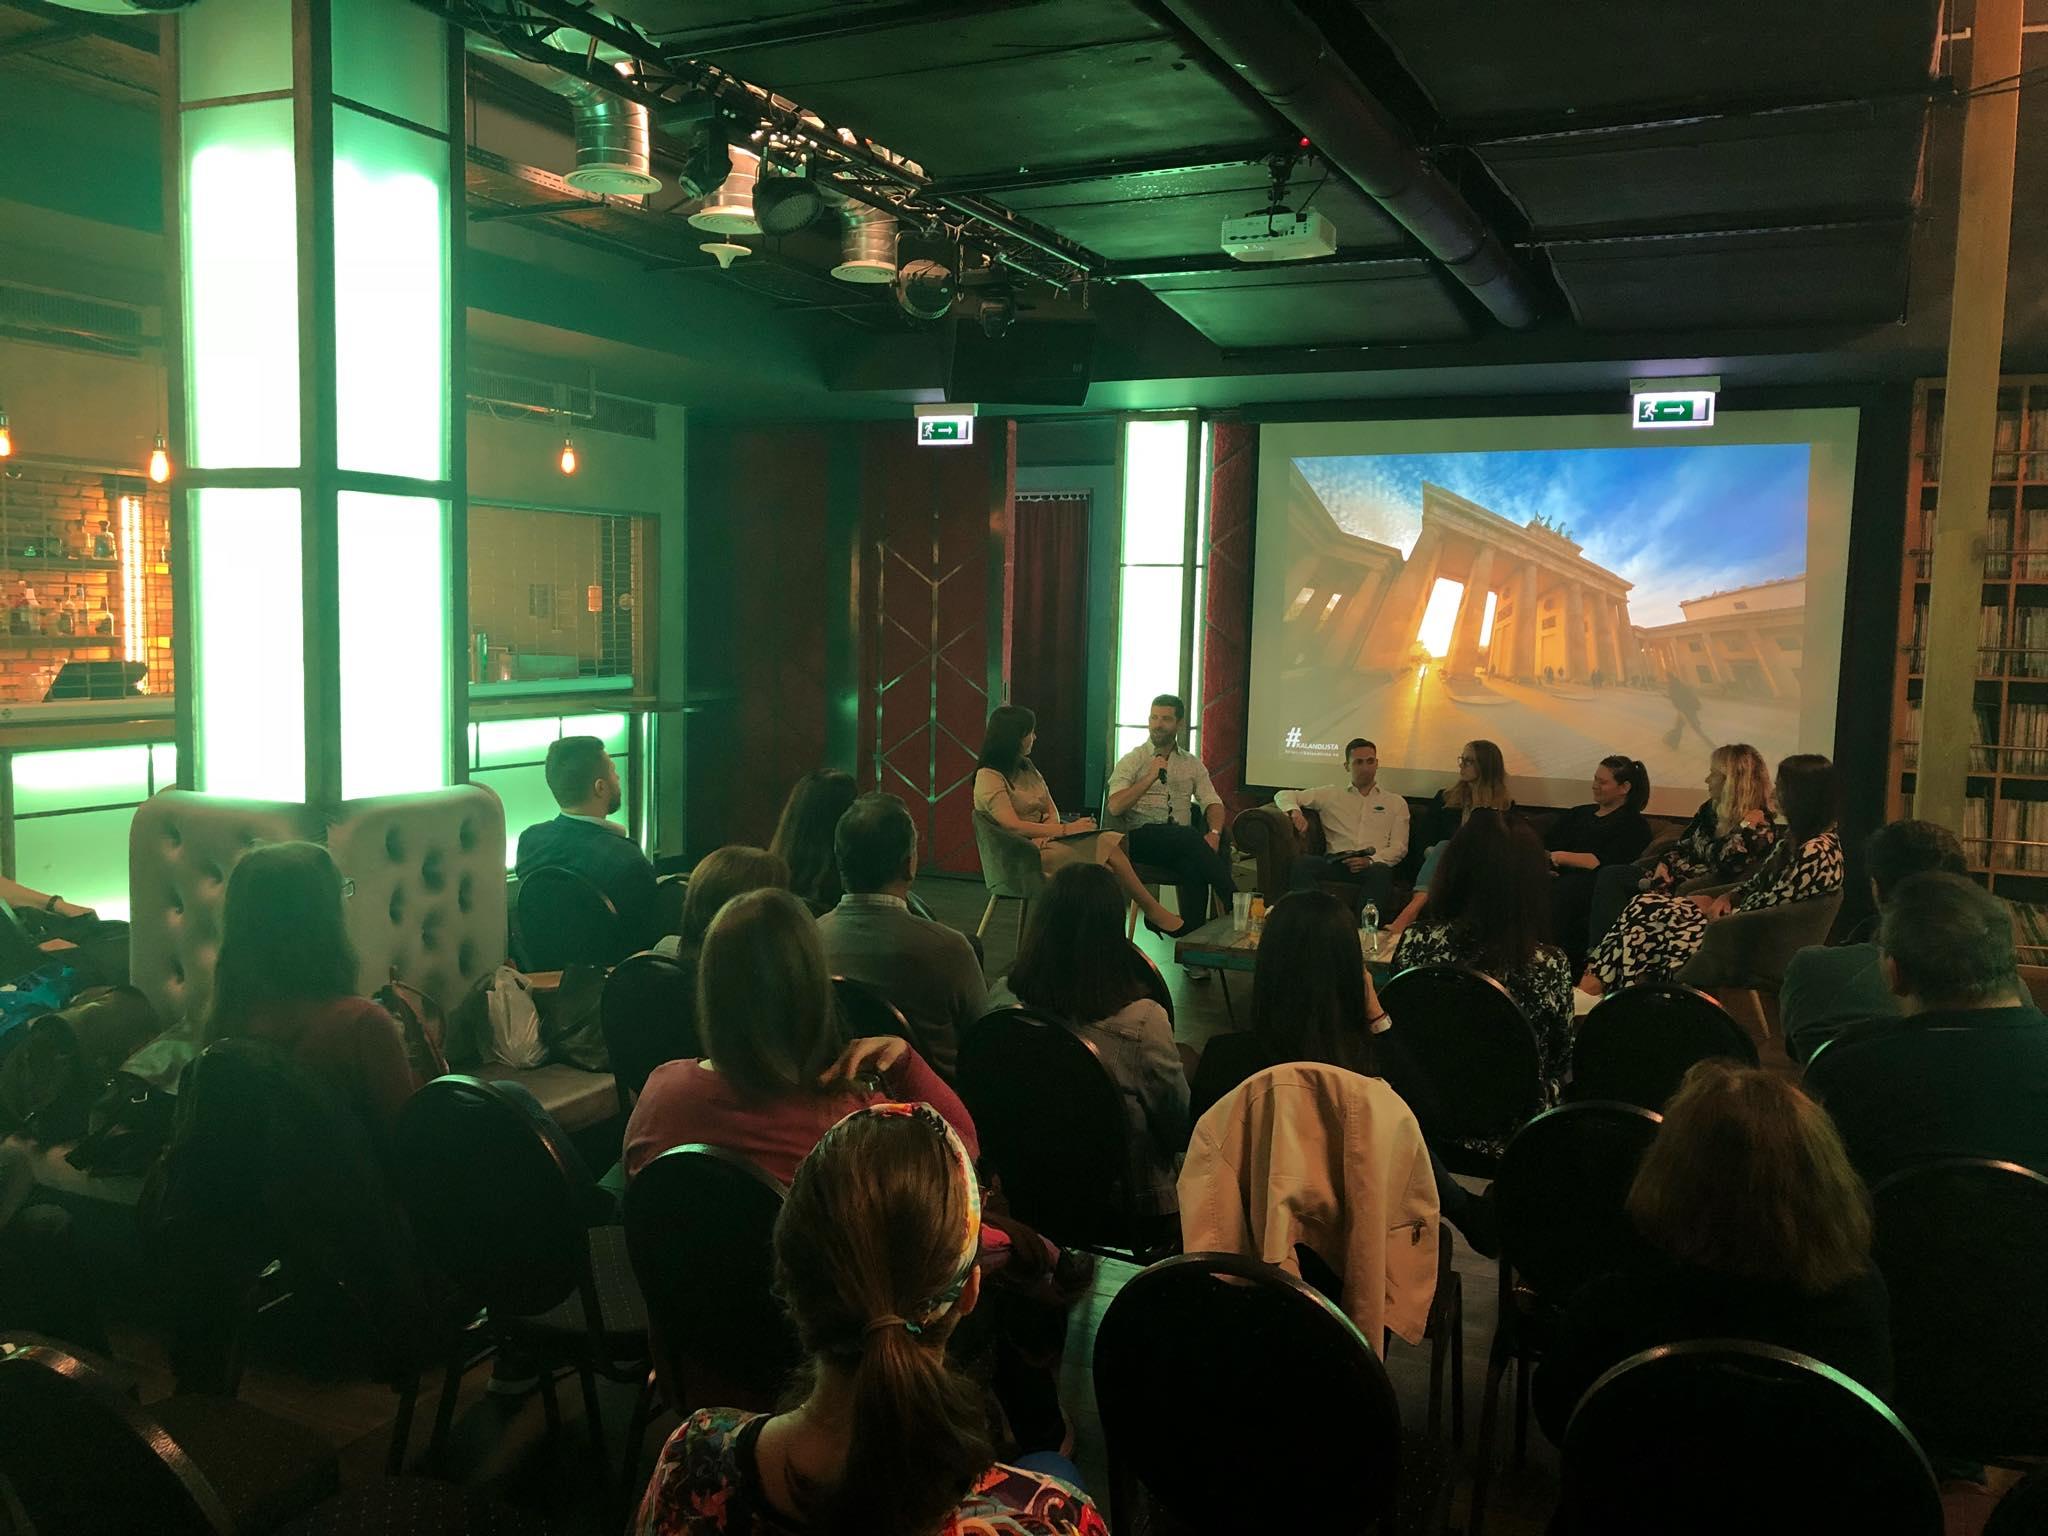 Spabook Linguafest kerekasztal talk Akvárium klub